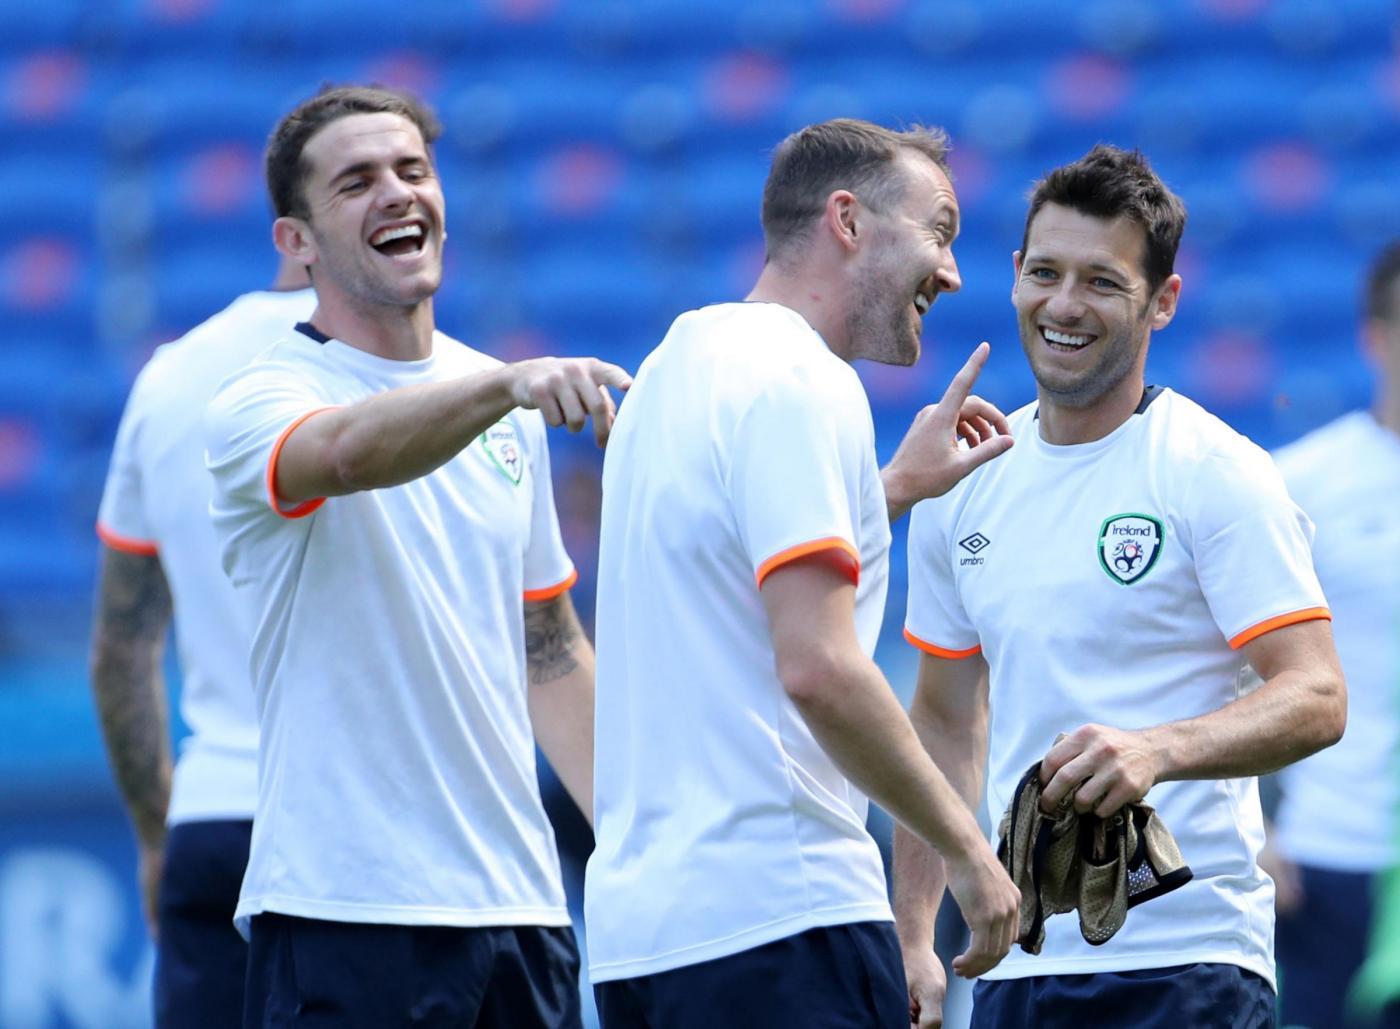 Allenamento dell'Irlanda   UEFA Euro 2016